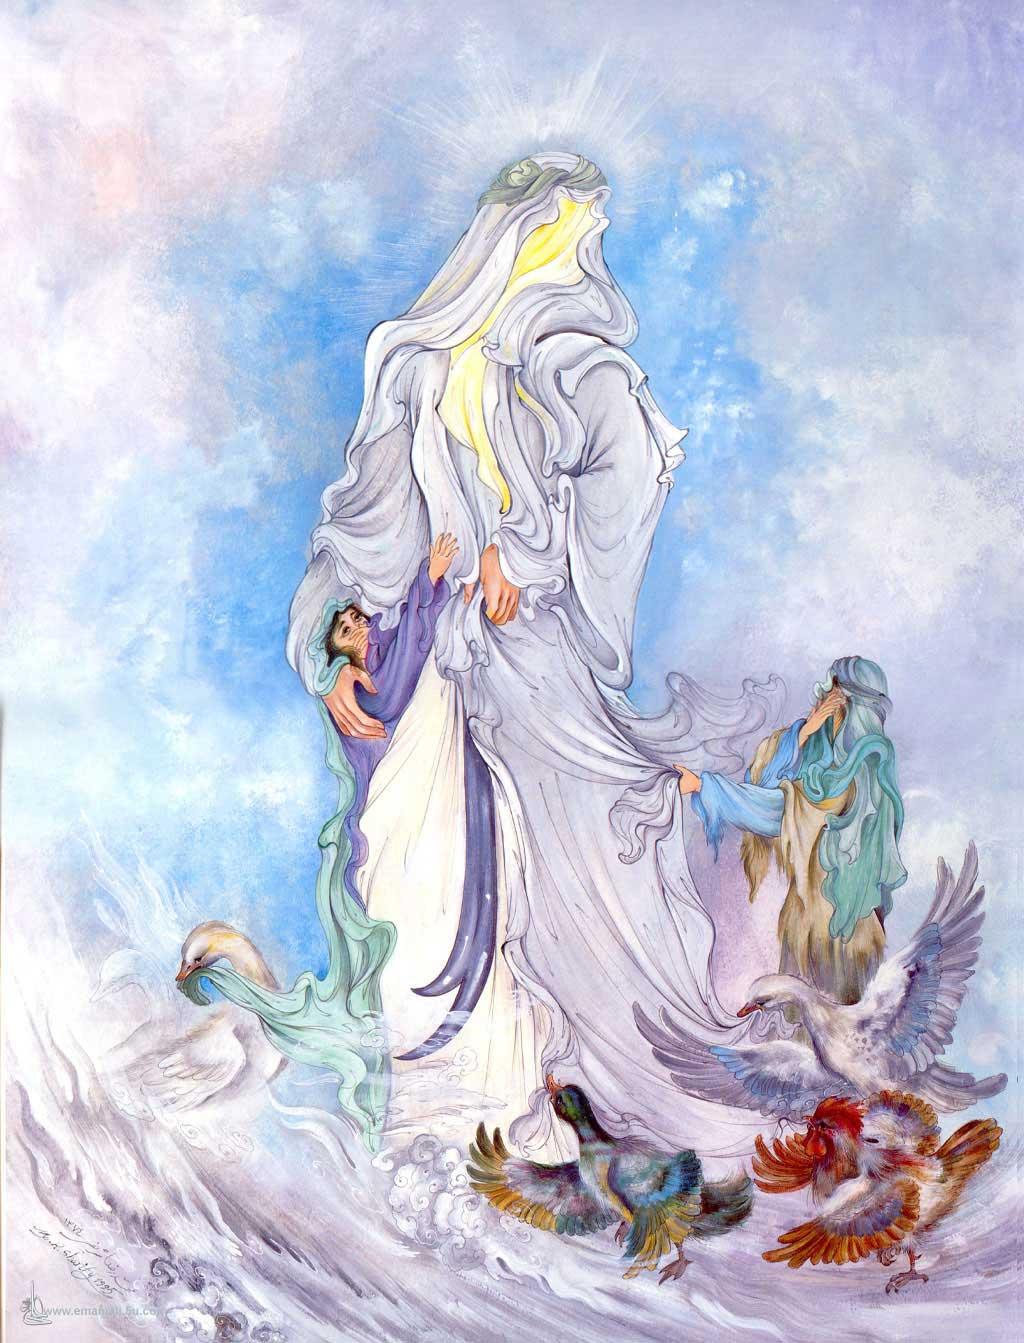 مینیاتور زیبای حضرت علی علیه السلام